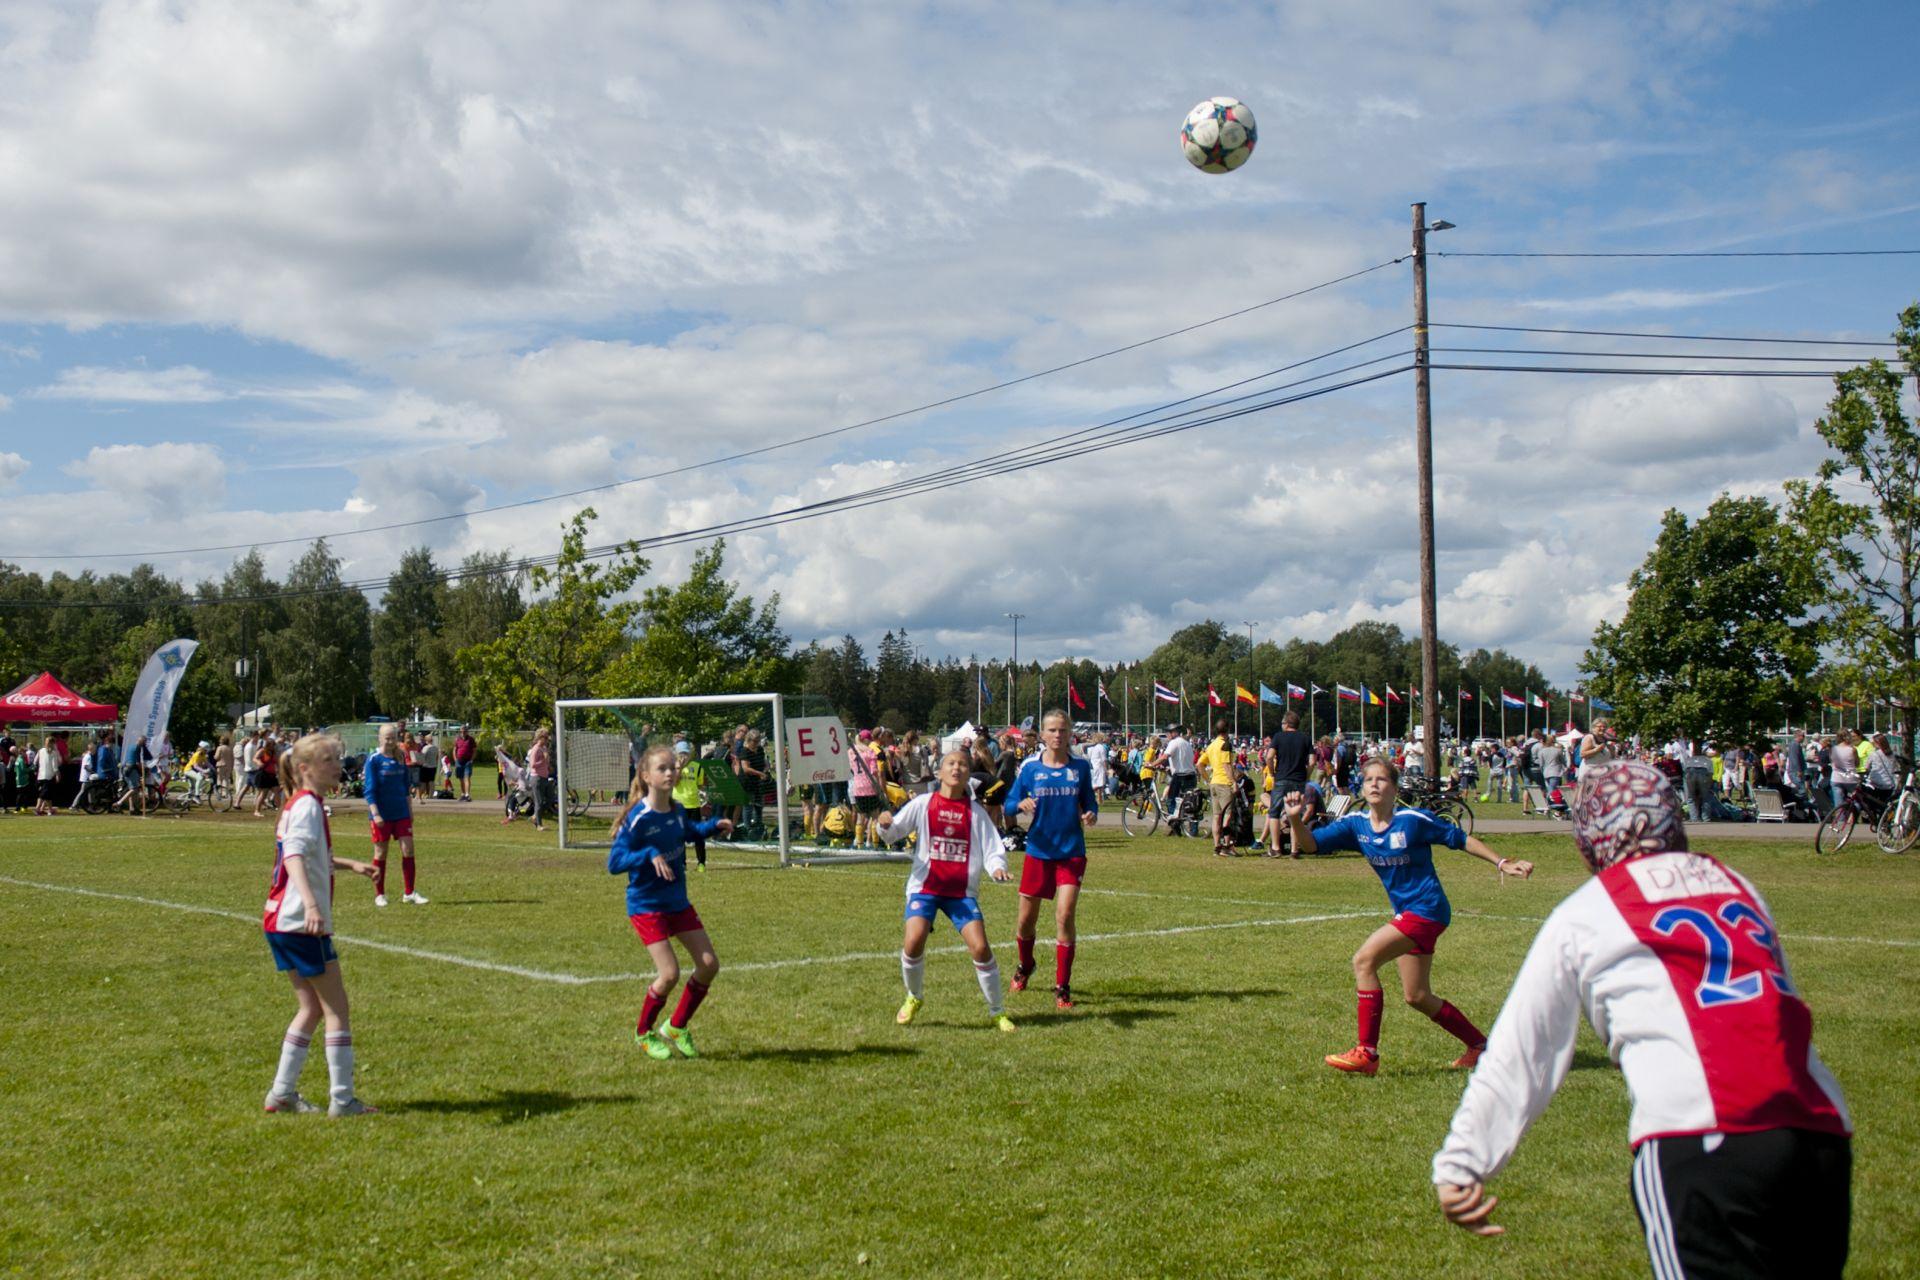 Det er misvisende å hevde at Norway Cup er verdens største